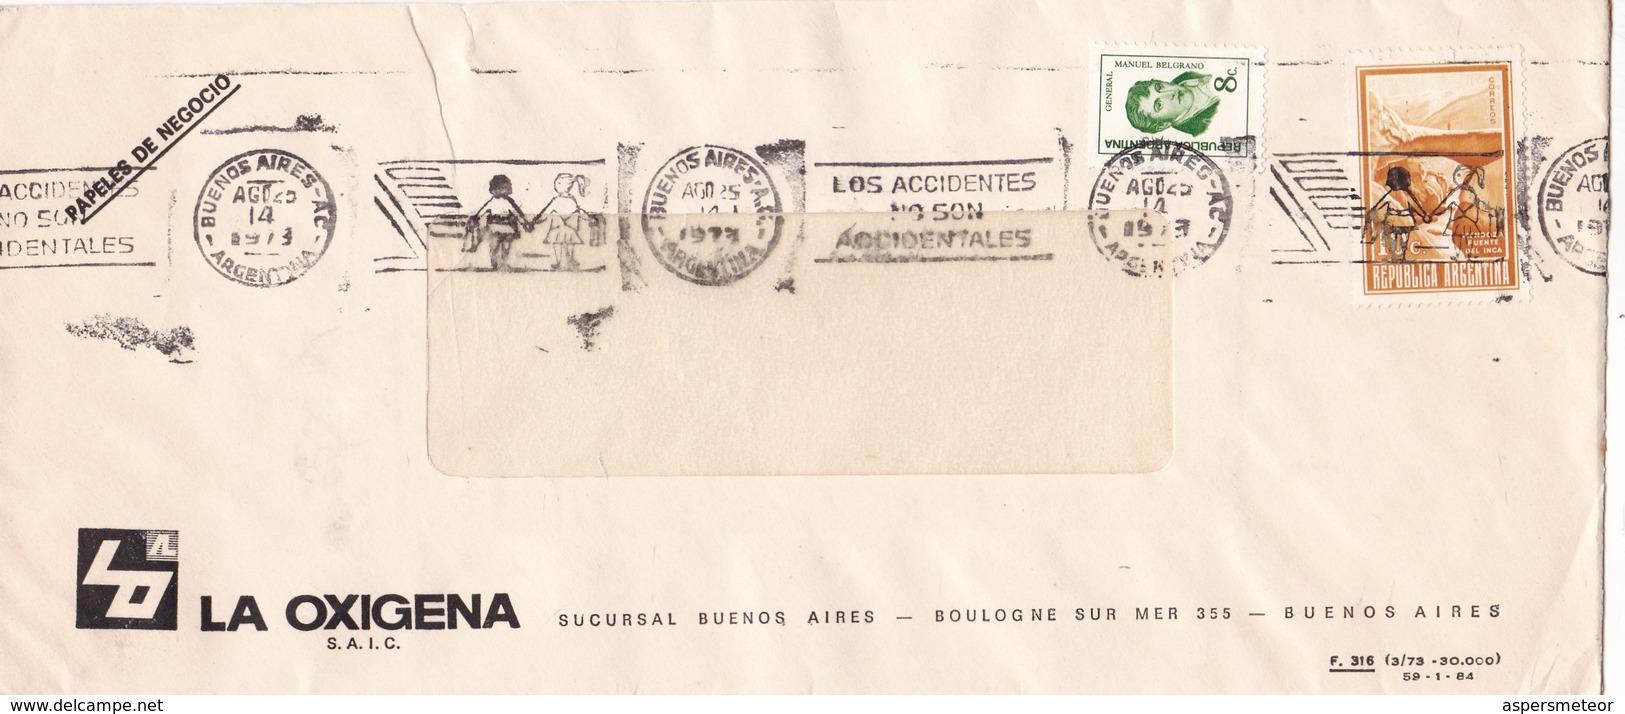 """""""LOS ACCIDENTES NO SON ACCIDENTALES"""" BANDELETA PARLANTE AÑO 1973 SOBRE COMERCIAL LA OXIGENA - BLEUP - Argentina"""